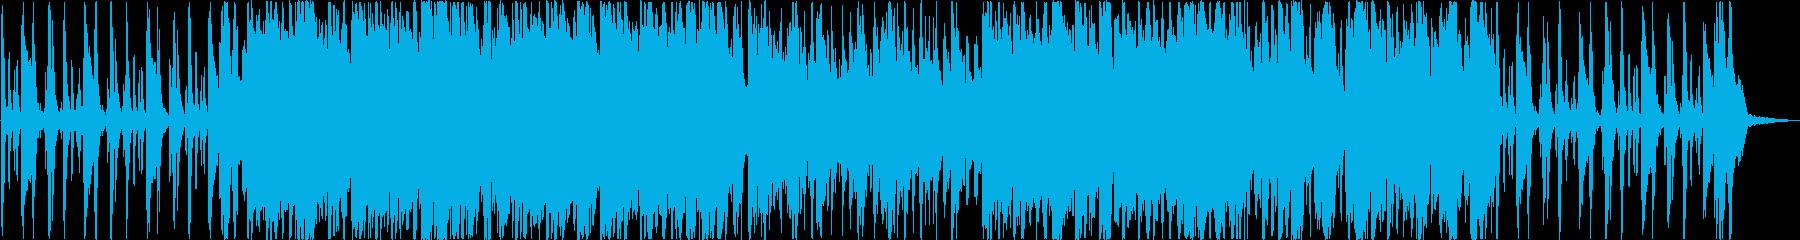 おしゃれで少しコミカルなJazz BGMの再生済みの波形